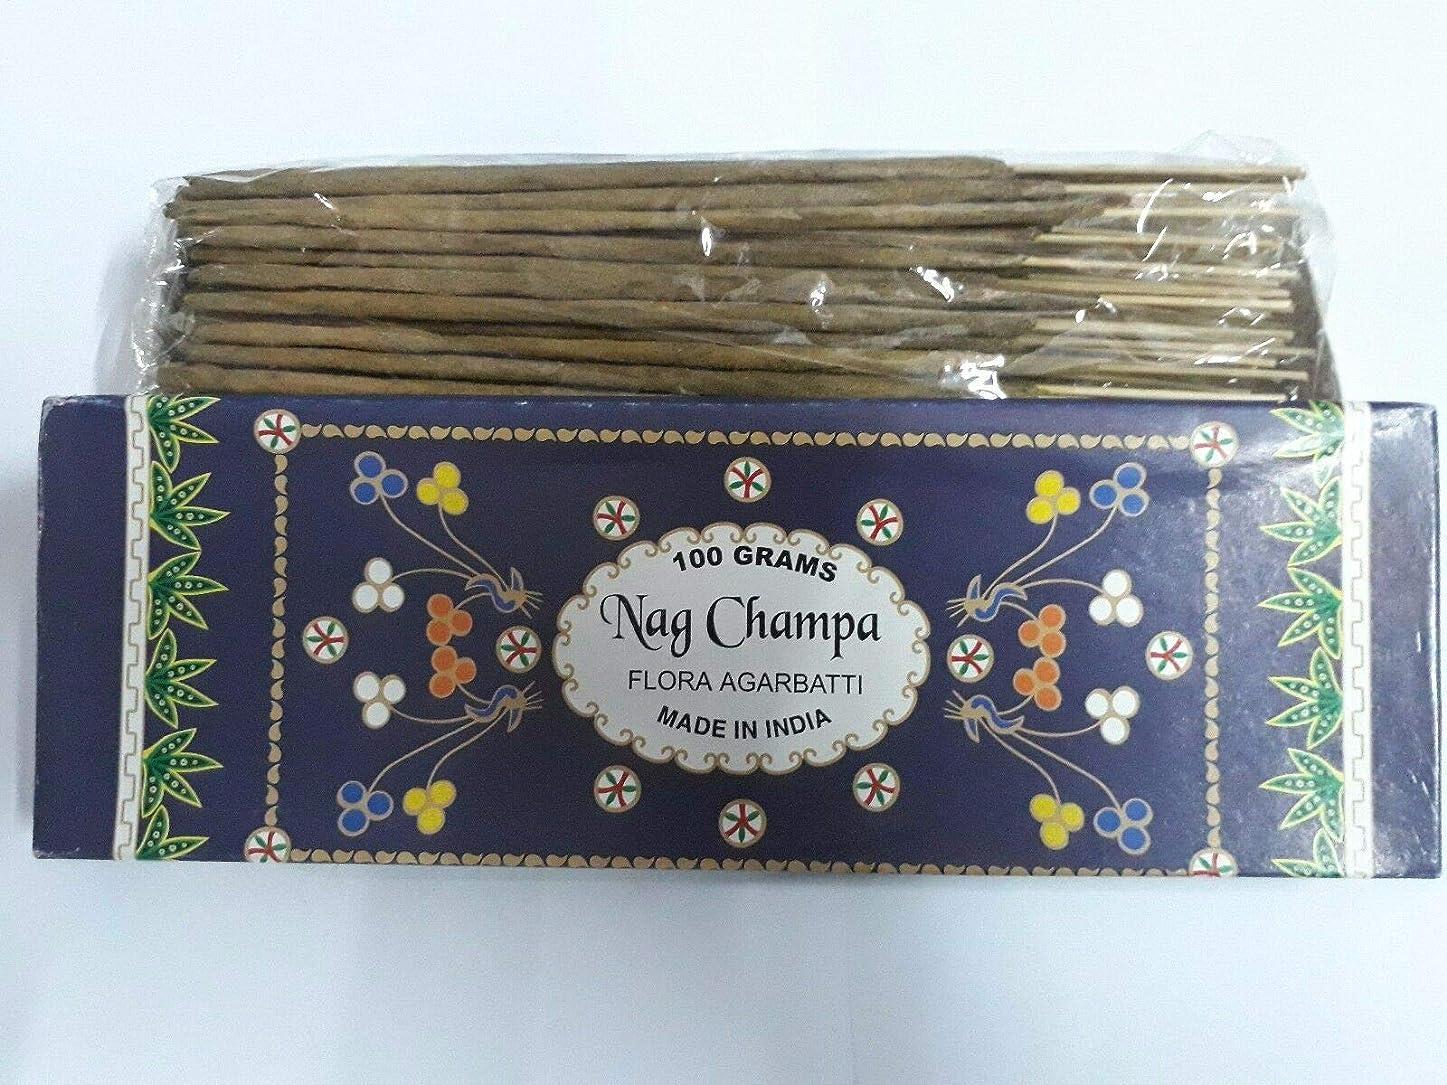 クリエイティブそれら省Nag Champa ナグチャンパ Agarbatti Incense Sticks 線香 100 grams Flora Agarbatti フローラ線香